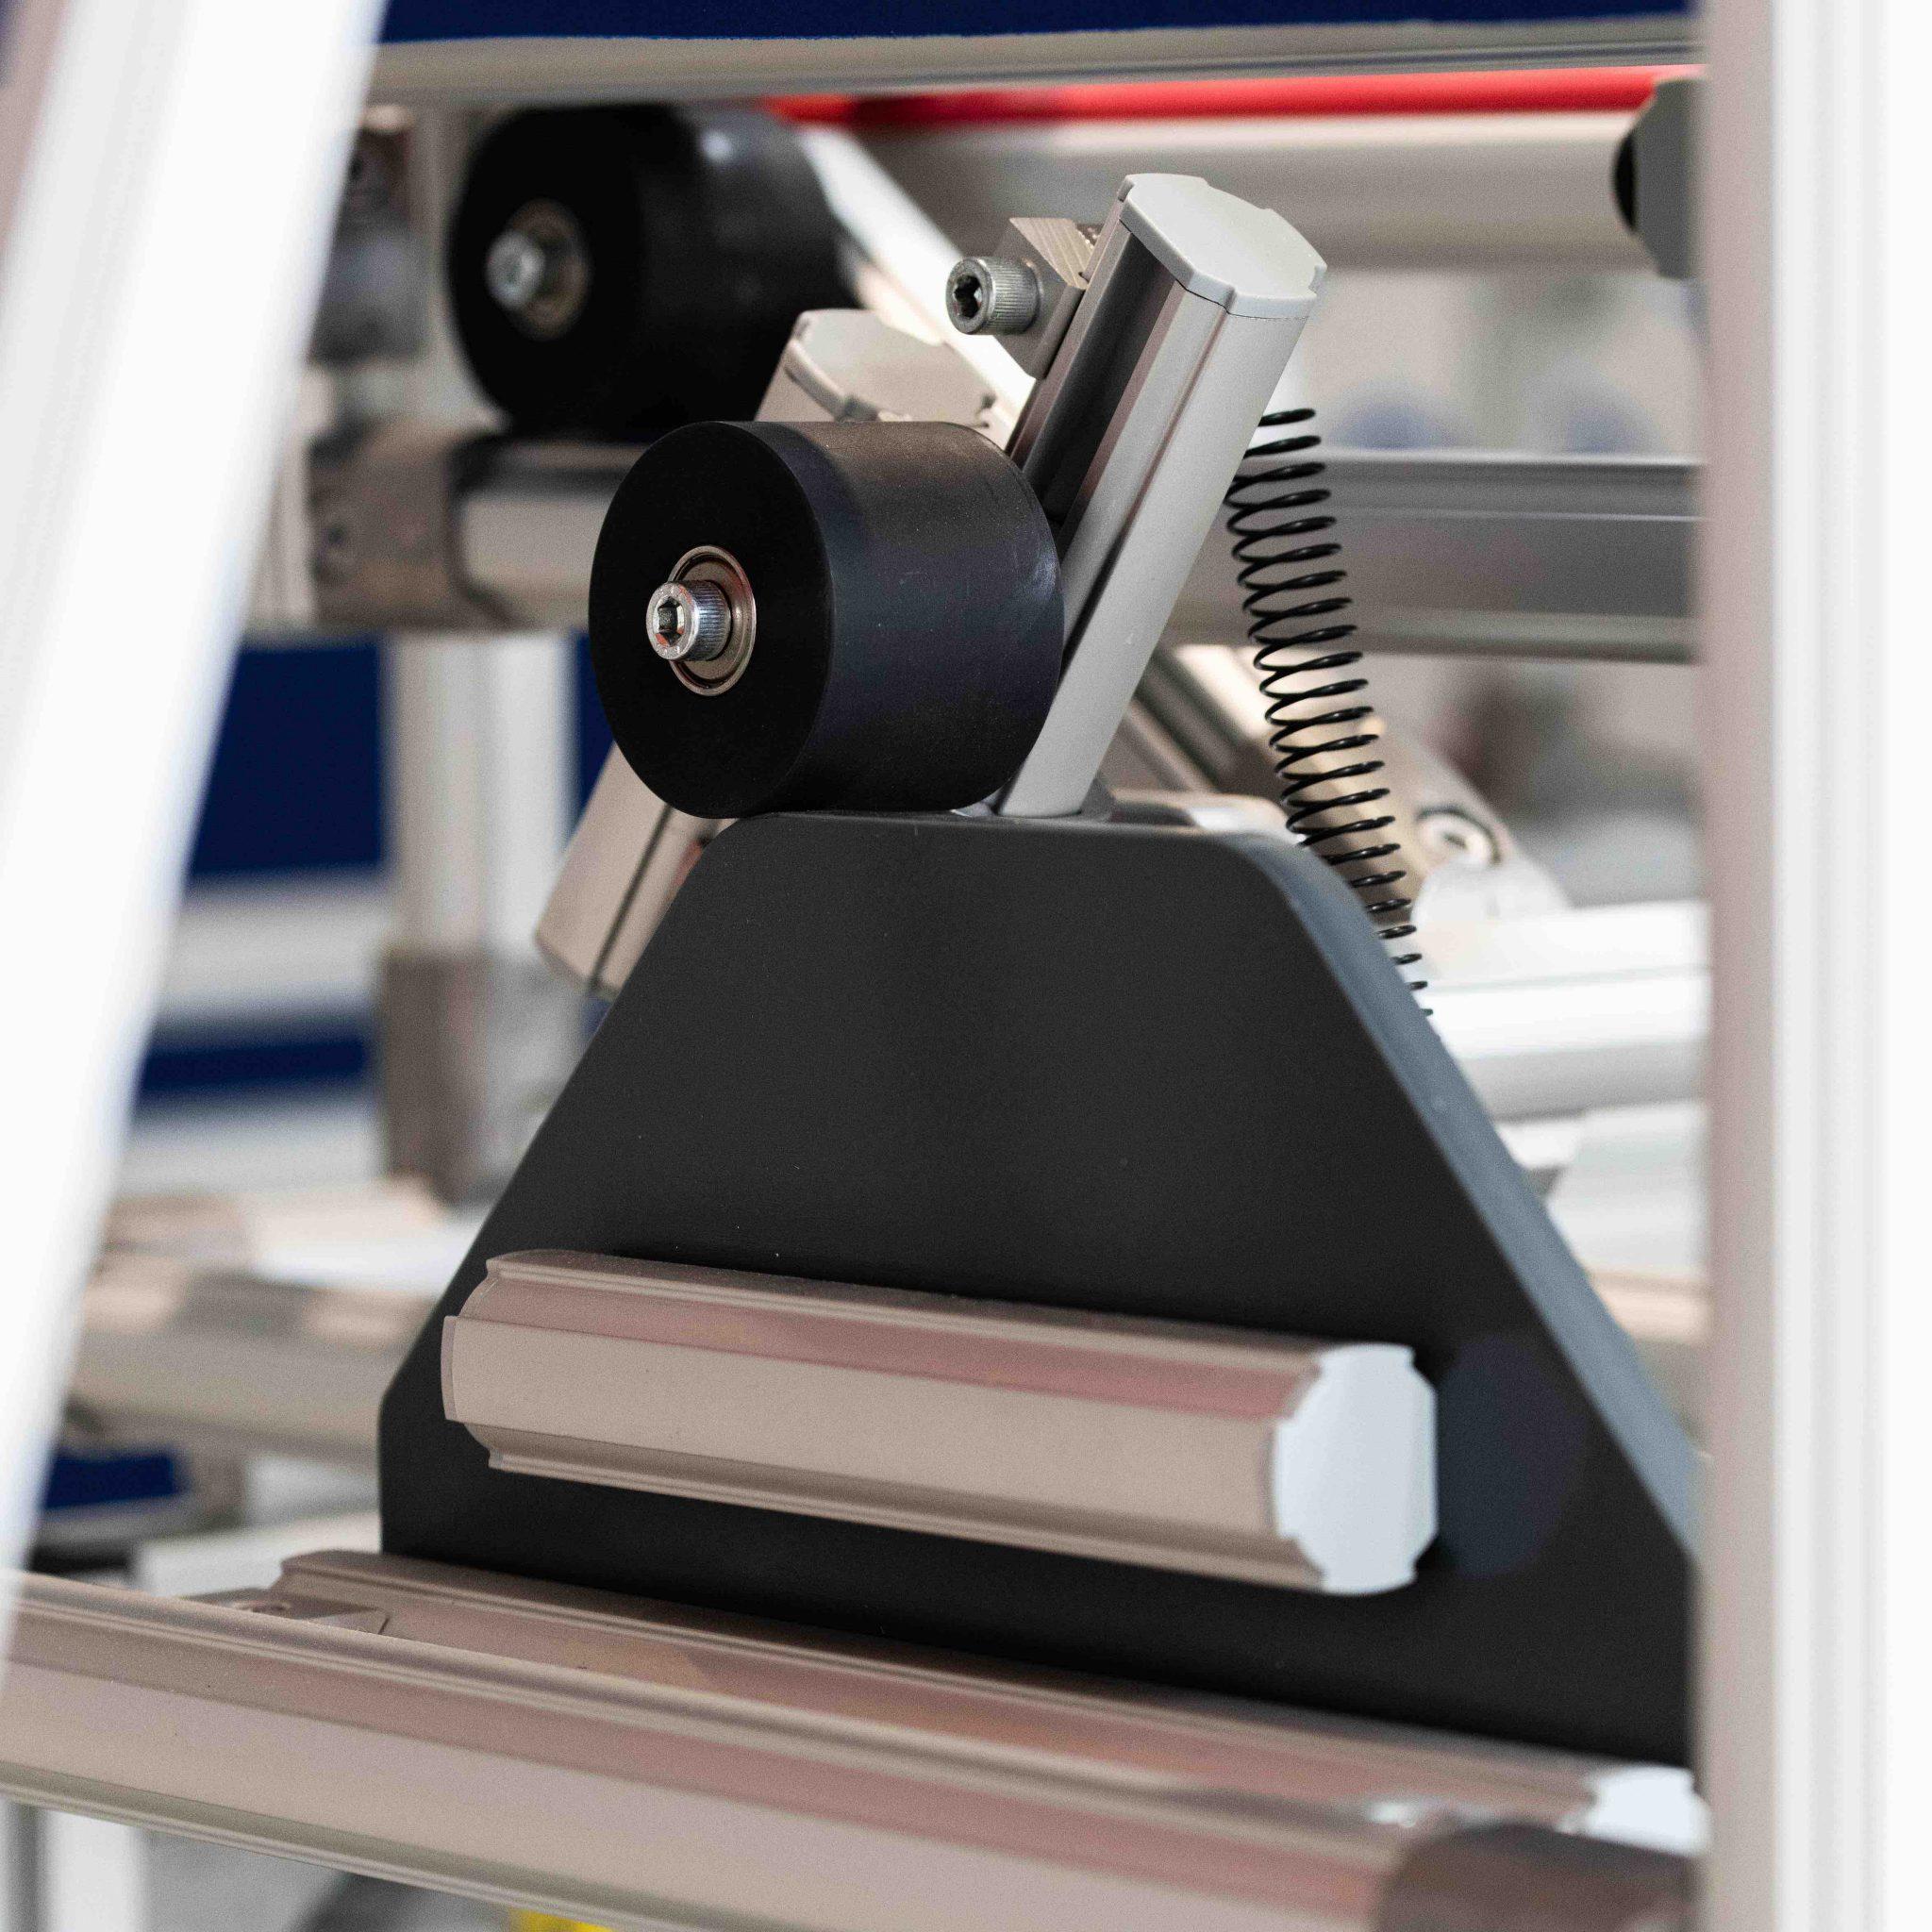 Karakuri starter kit with mechanical cam Karakuri Kaizen